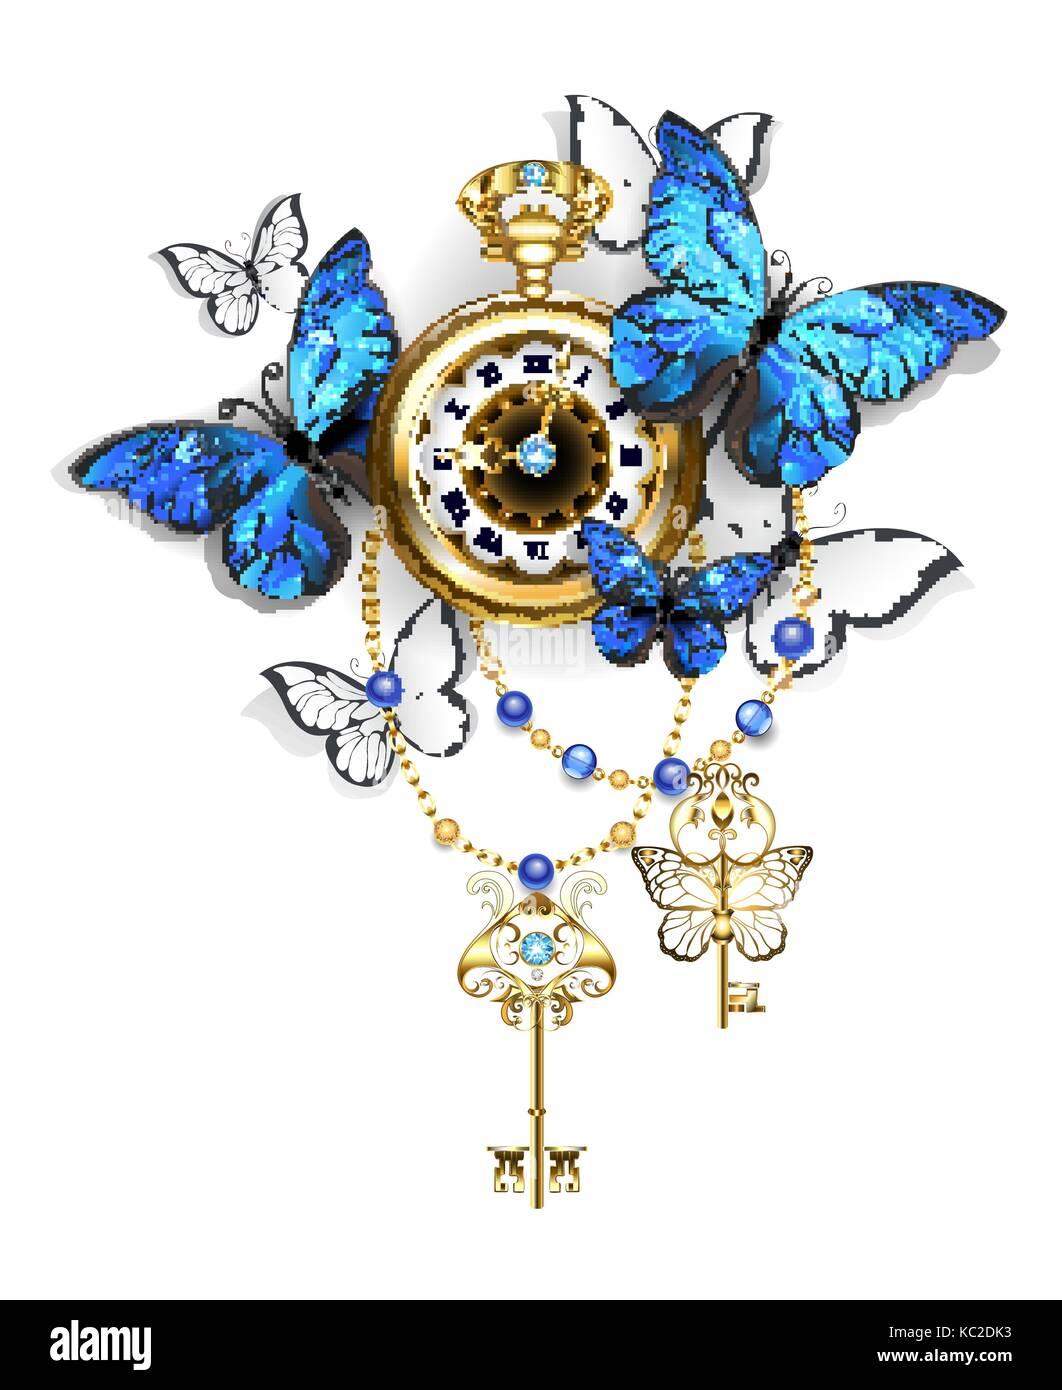 Oro Antico Orologio Con Blu E Bianco Farfalle Morpho E Chiavi Doro